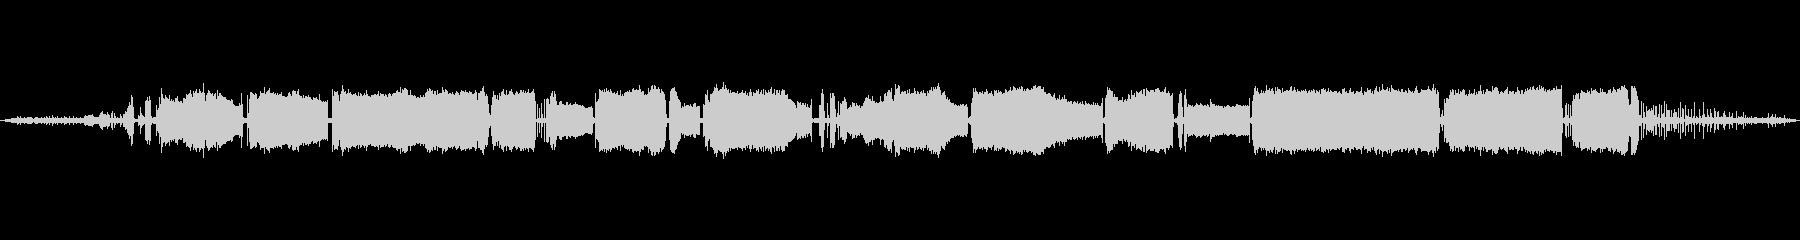 車 サーブ92ドライブエキゾースト01の未再生の波形